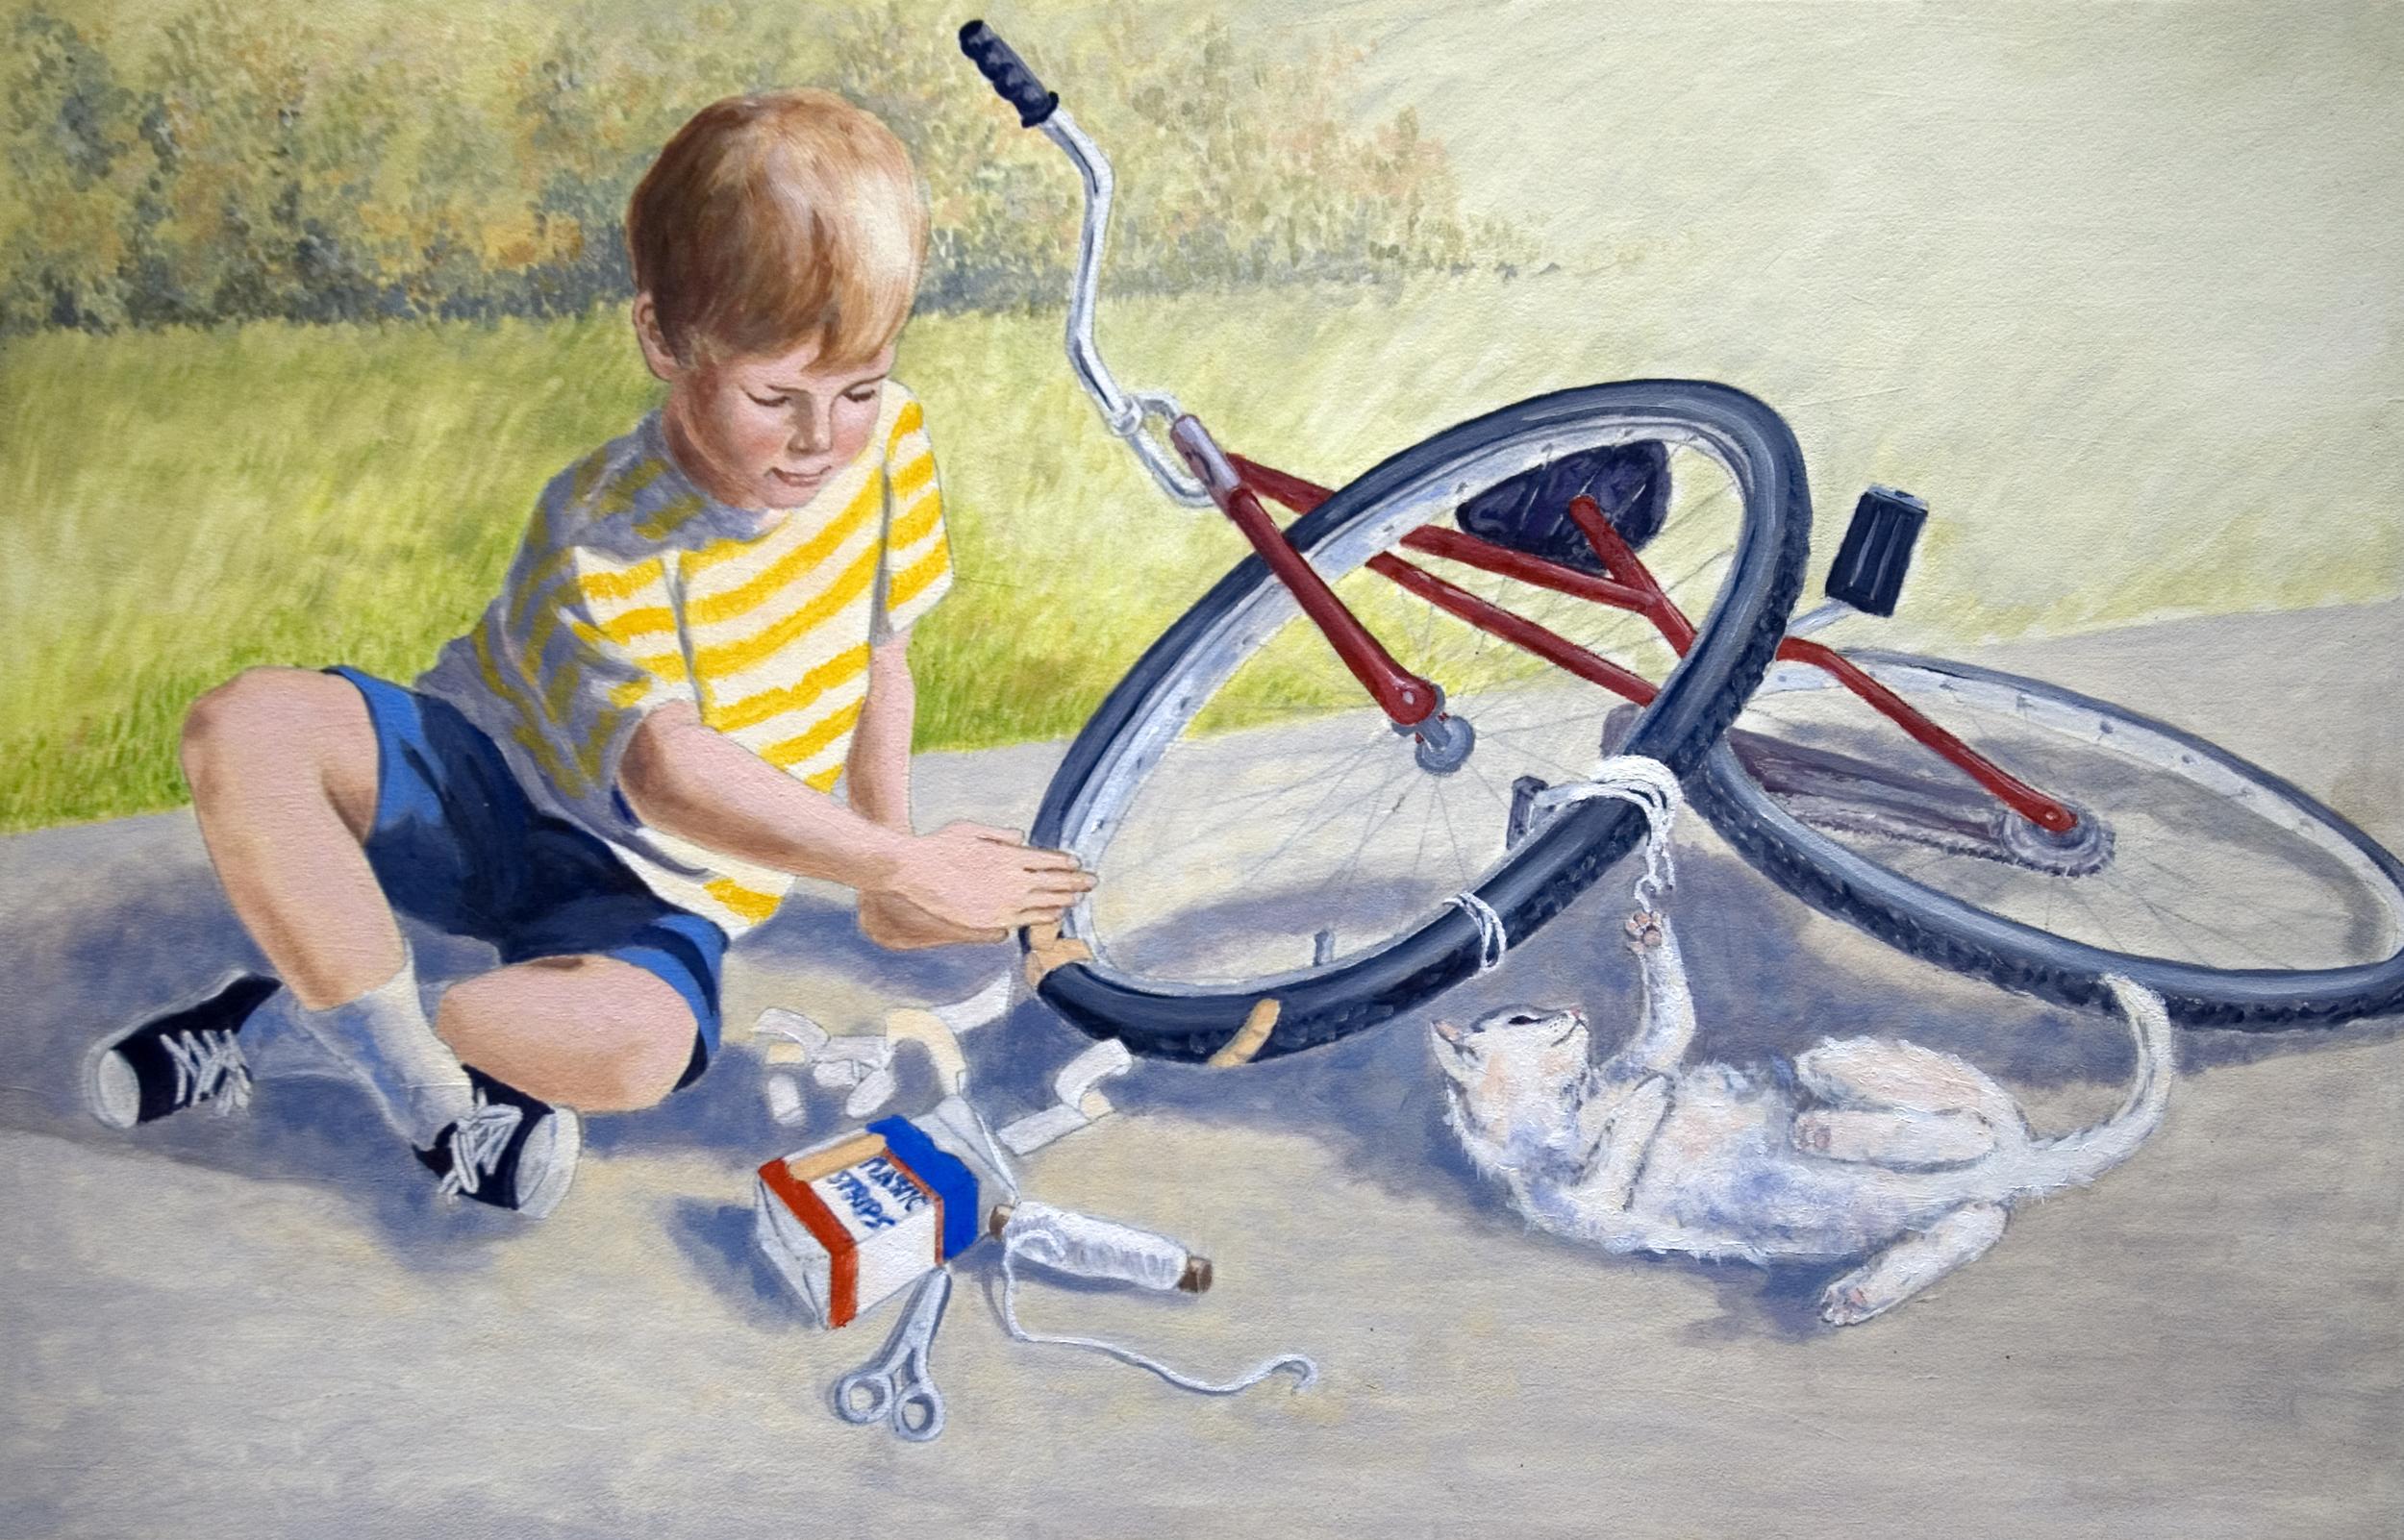 fixbike1.jpg